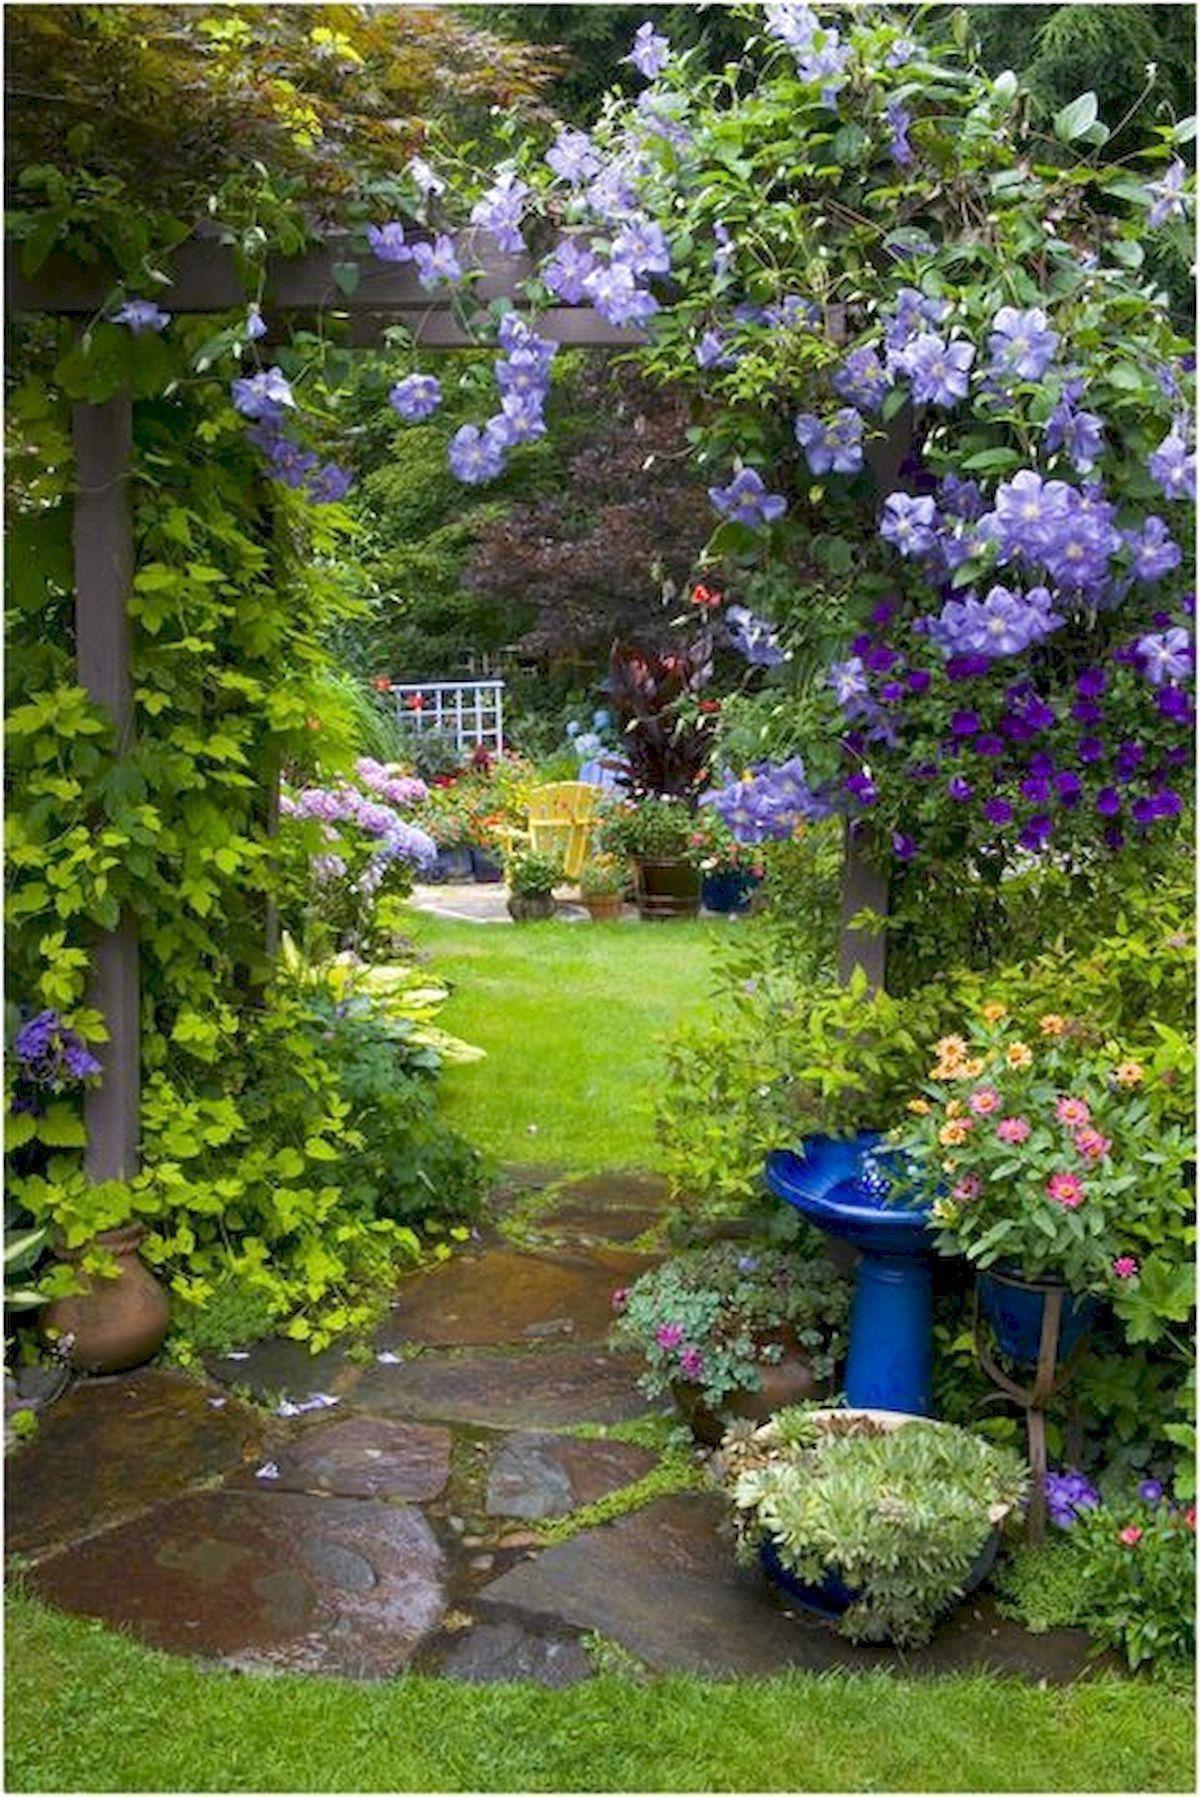 Favorite Pinterest Garden Decor Ideas Exp Decor In 2020 Cottage Garden Design Cottage Garden Plants Small Garden Design